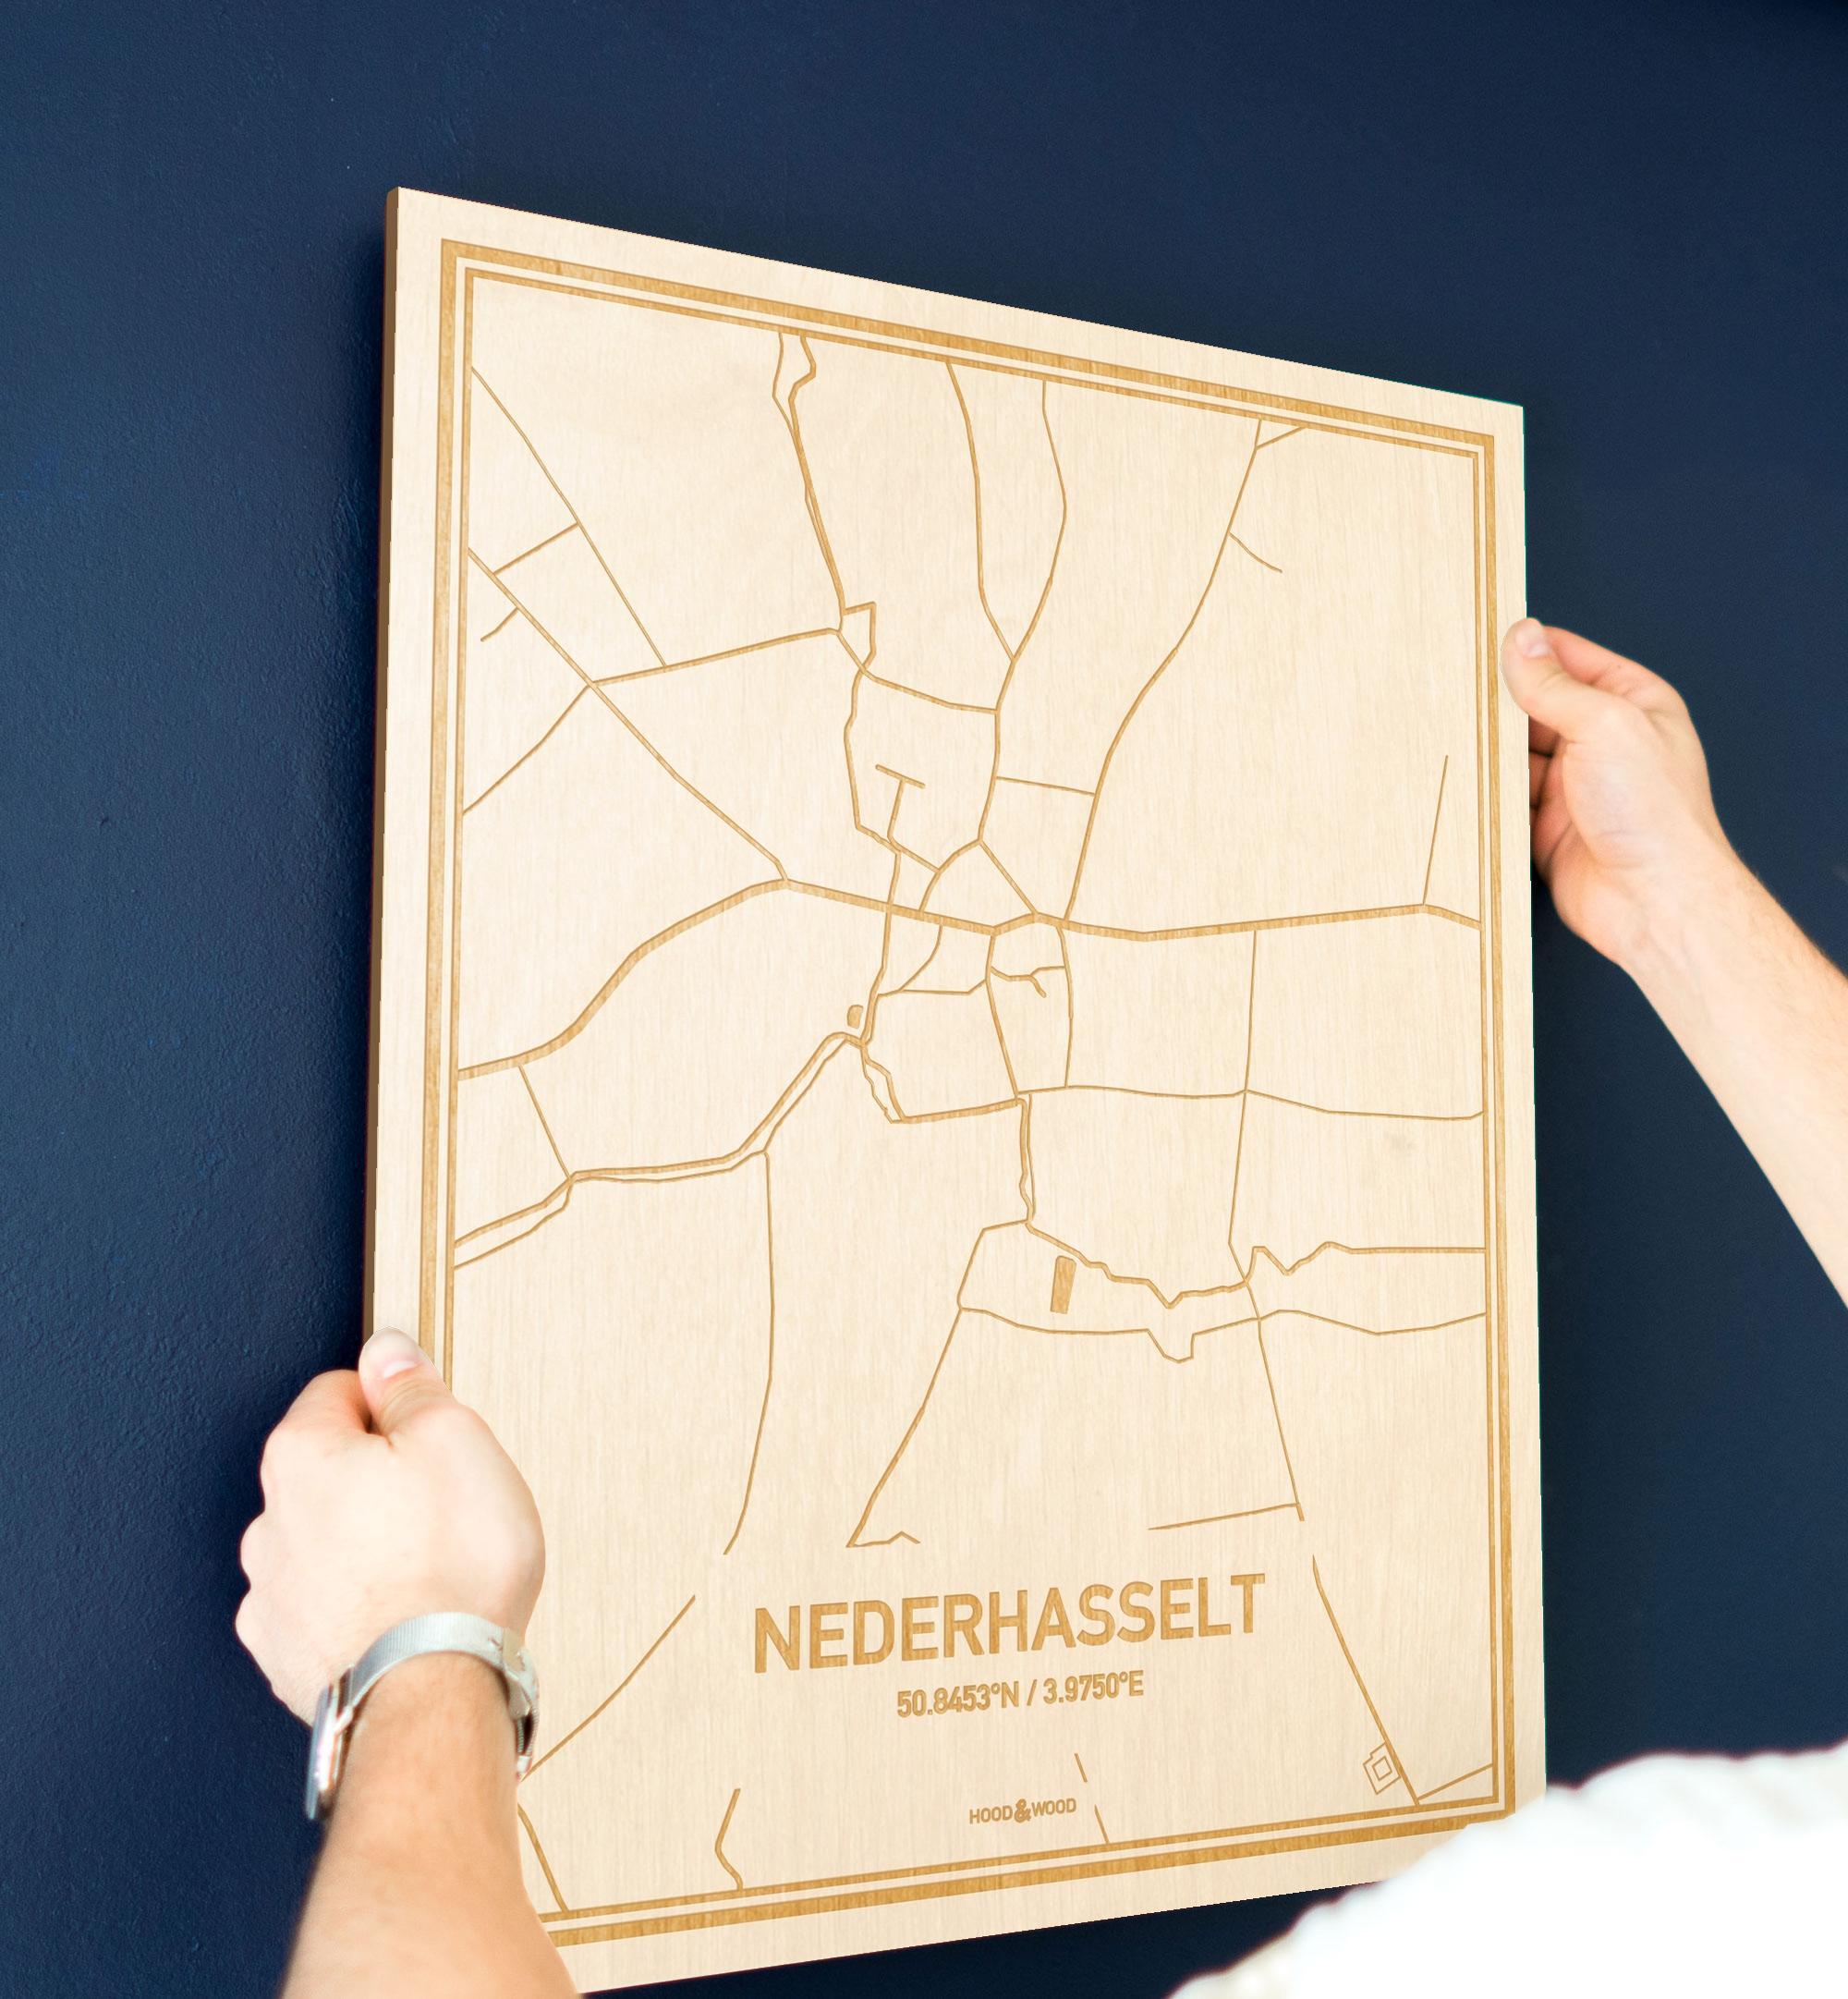 Een man hangt de houten plattegrond Nederhasselt aan zijn blauwe muur ter decoratie. Je ziet alleen zijn handen de kaart van deze speciale in Oost-Vlaanderen  vasthouden.